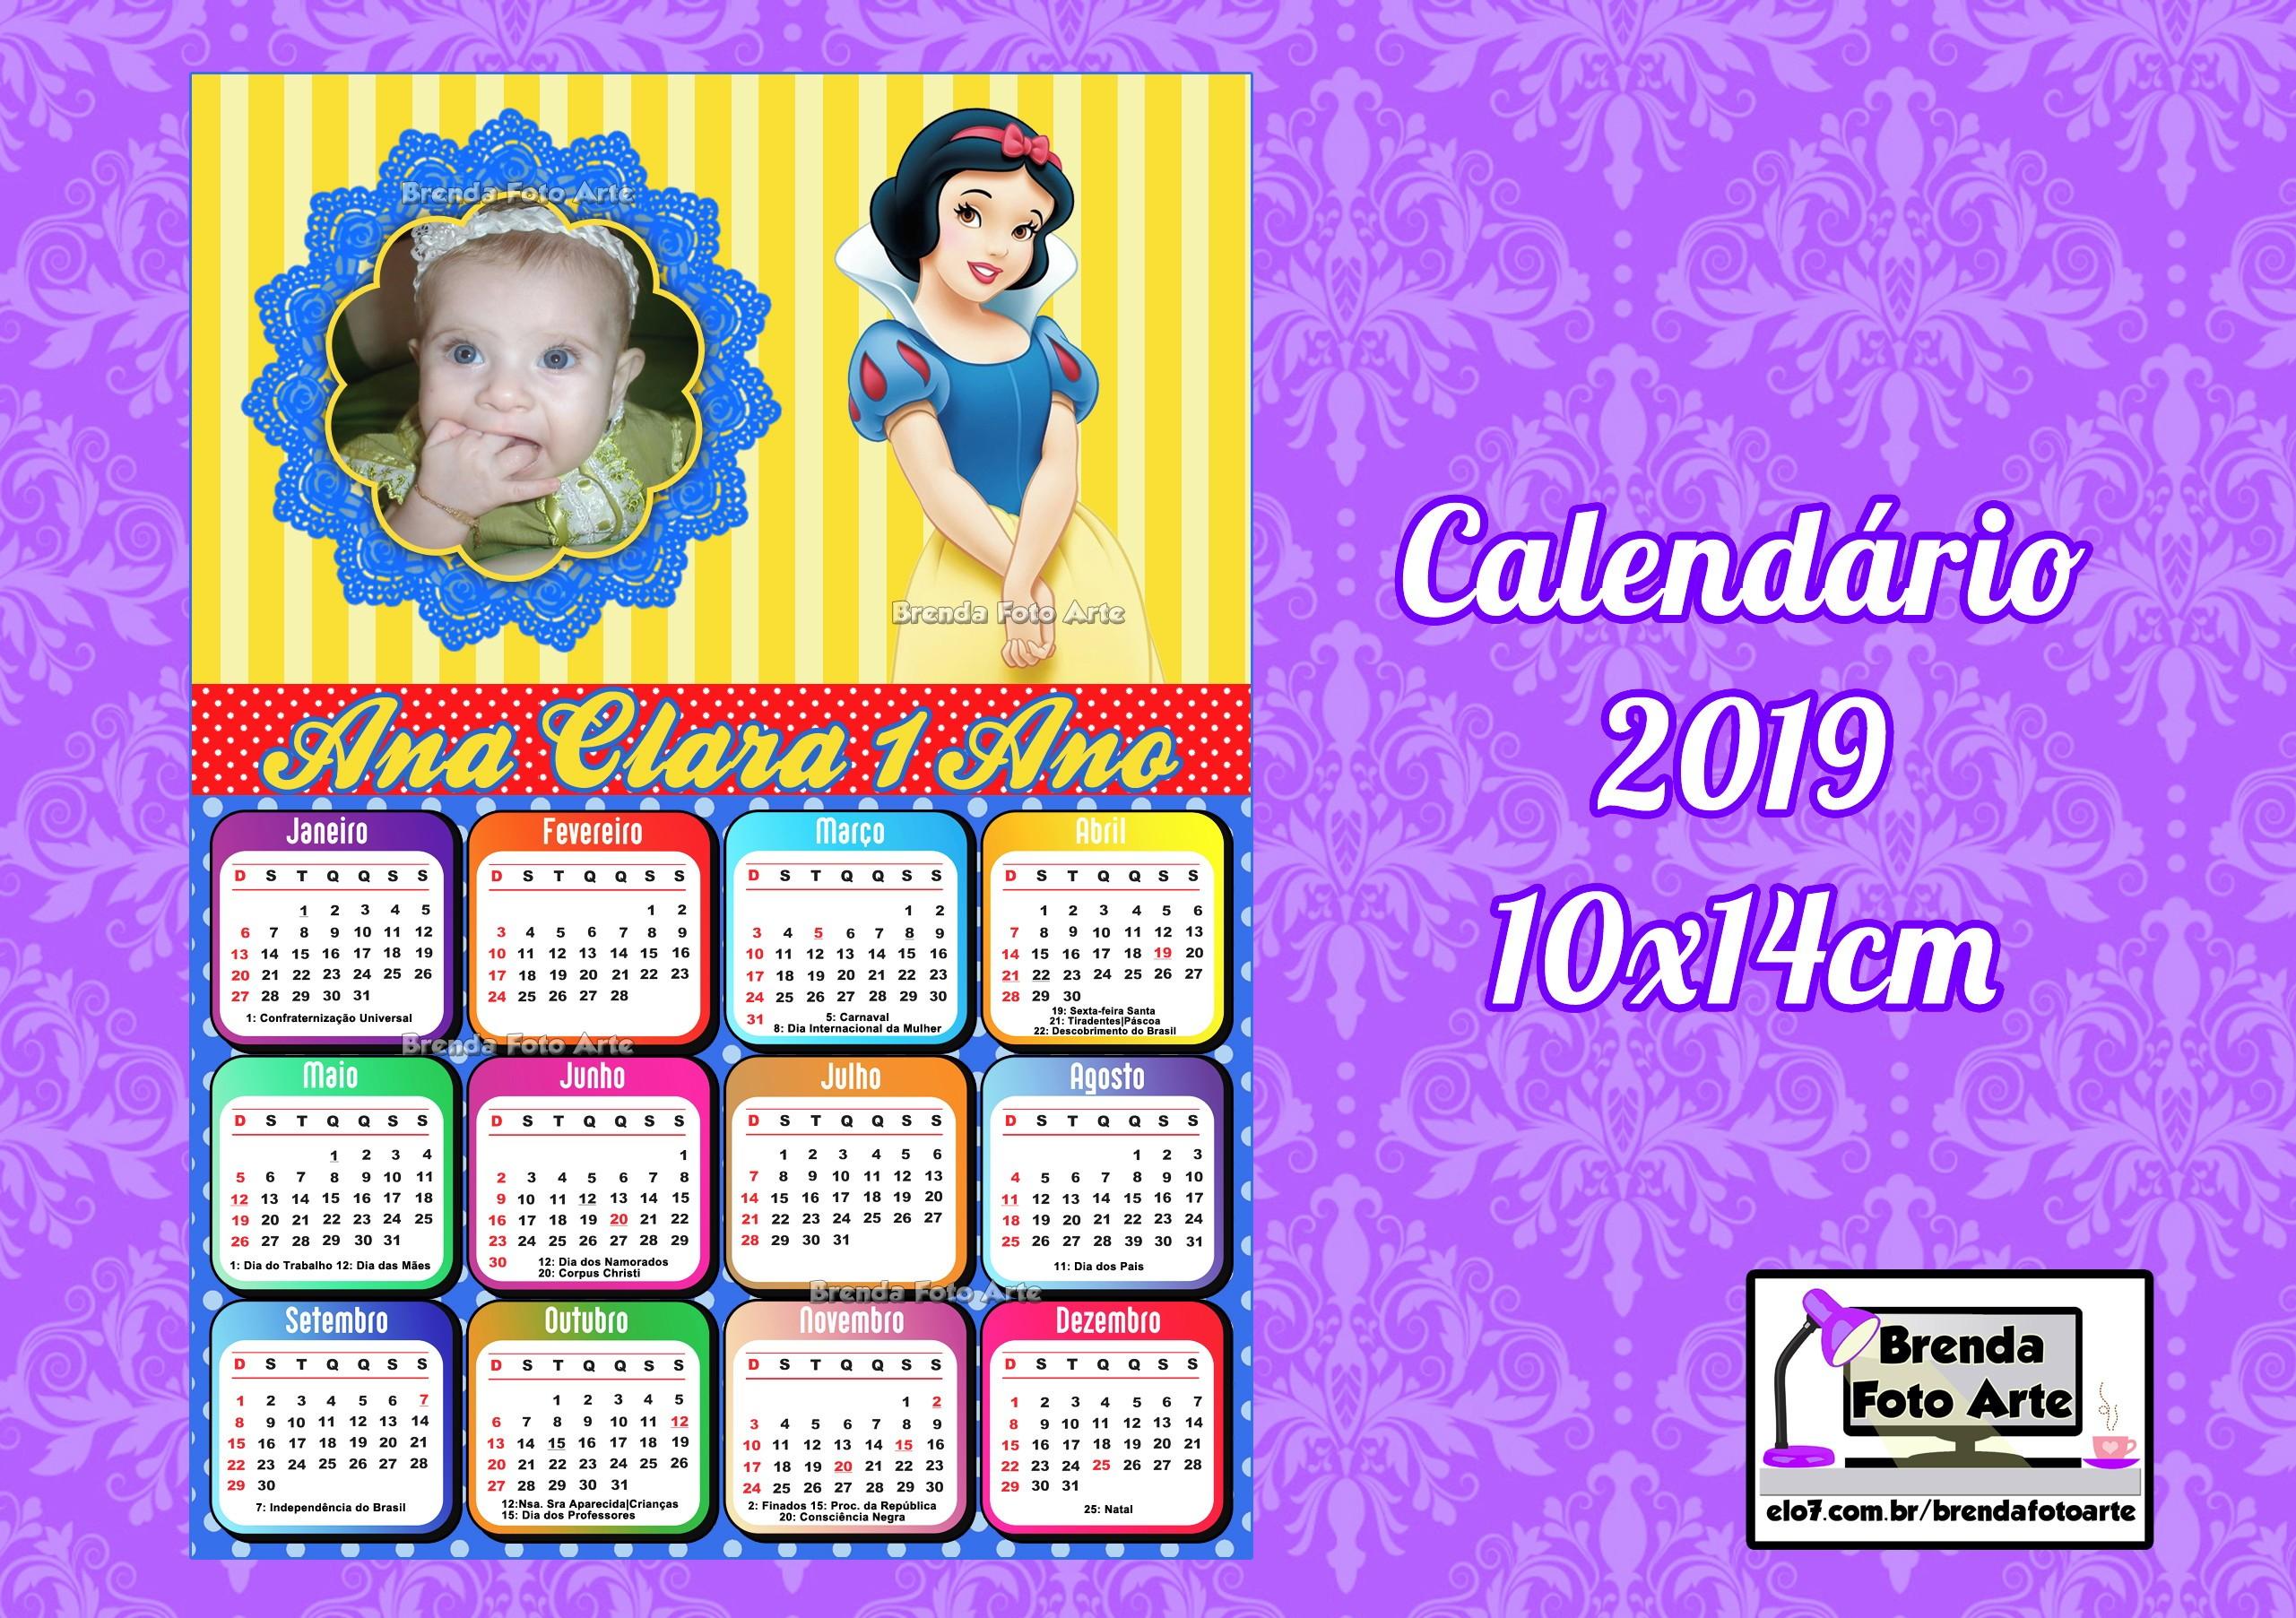 Calendario Mesa 2019 Imprimir Gratis Más Reciente Calendário 2019 Of Calendario Mesa 2019 Imprimir Gratis Más Arriba-a-fecha Escritorio Pad Calendario 2019 Mensual Con soporte Septiembre 2018